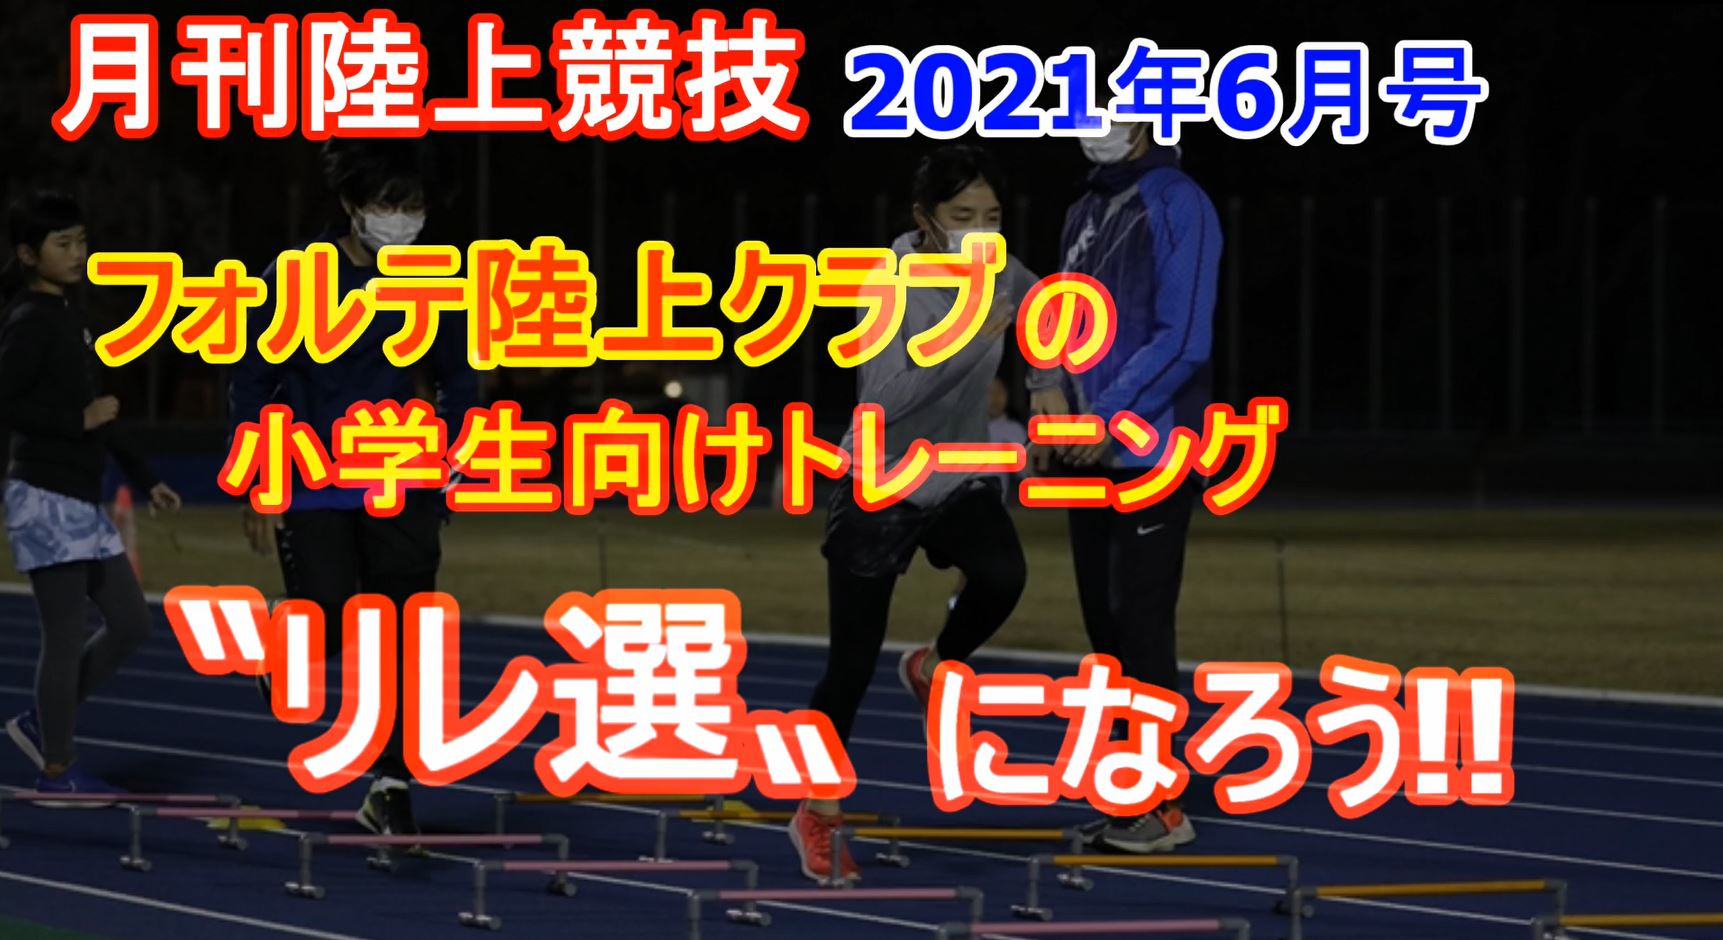 【トレーニング】フォルテ陸上クラブの小学生トレーニング(2021年6月号掲載)